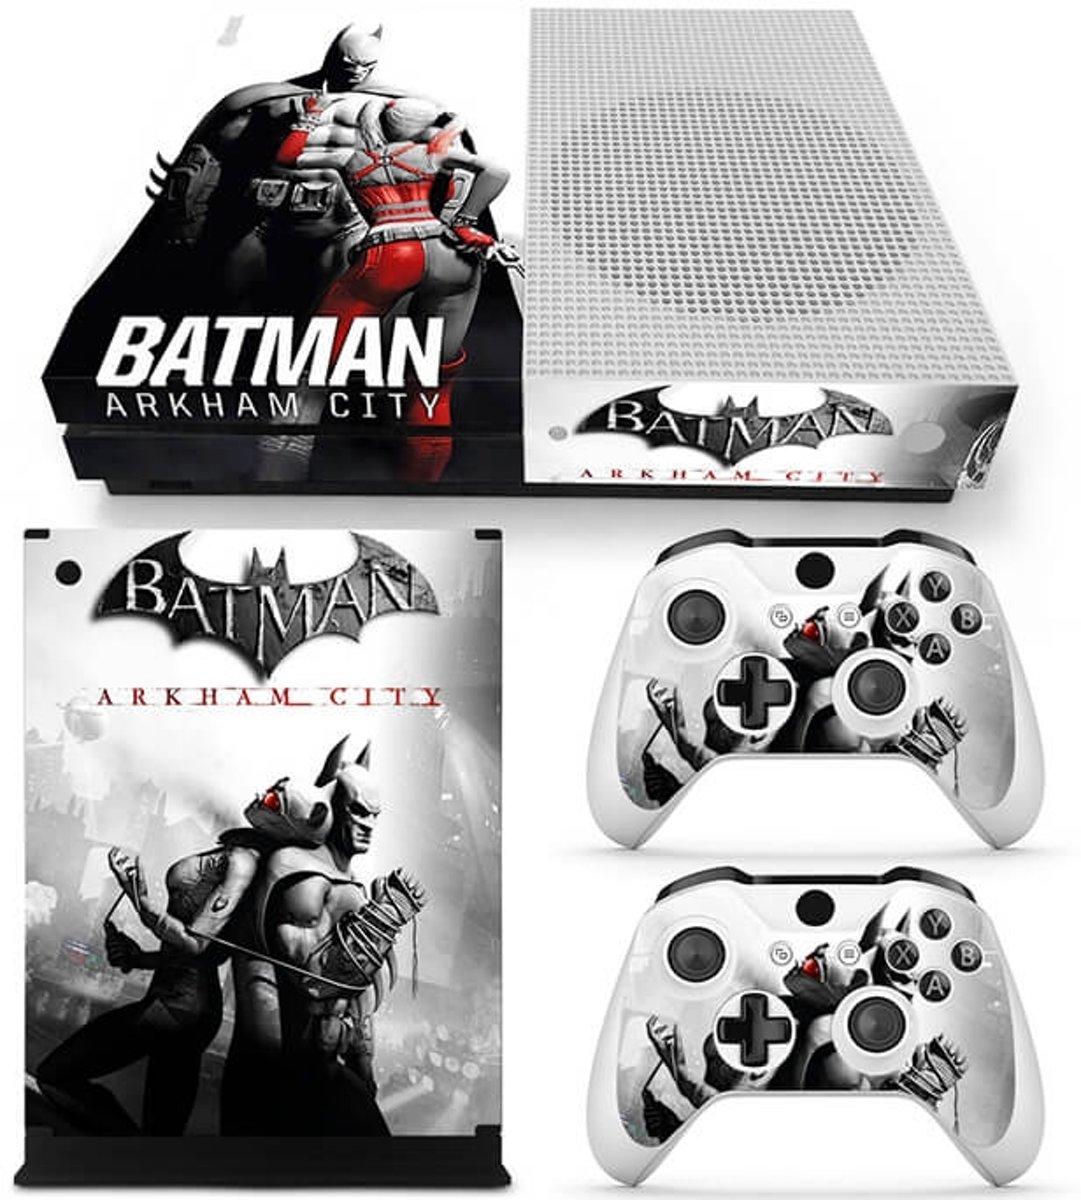 Batman Arkham City - Xbox One S skin kopen